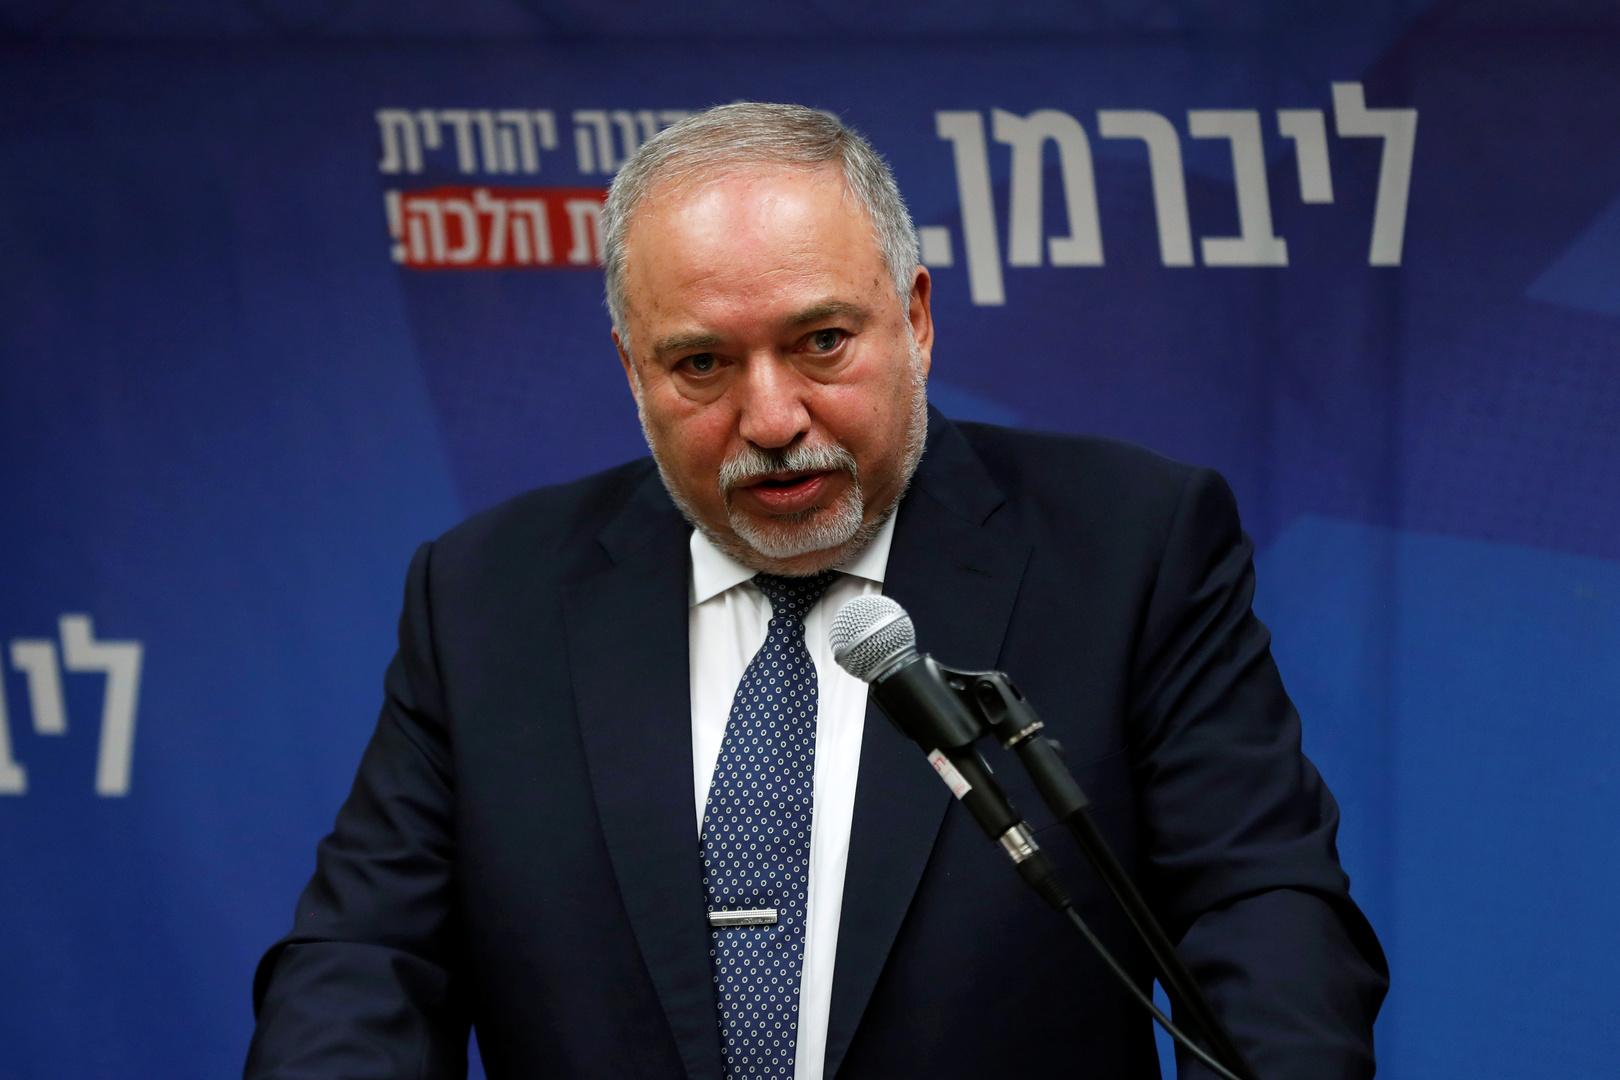 ليبرمان: حماس تطور صواريخ وطائرات مسيرة بمحركات نفاثة في غزة